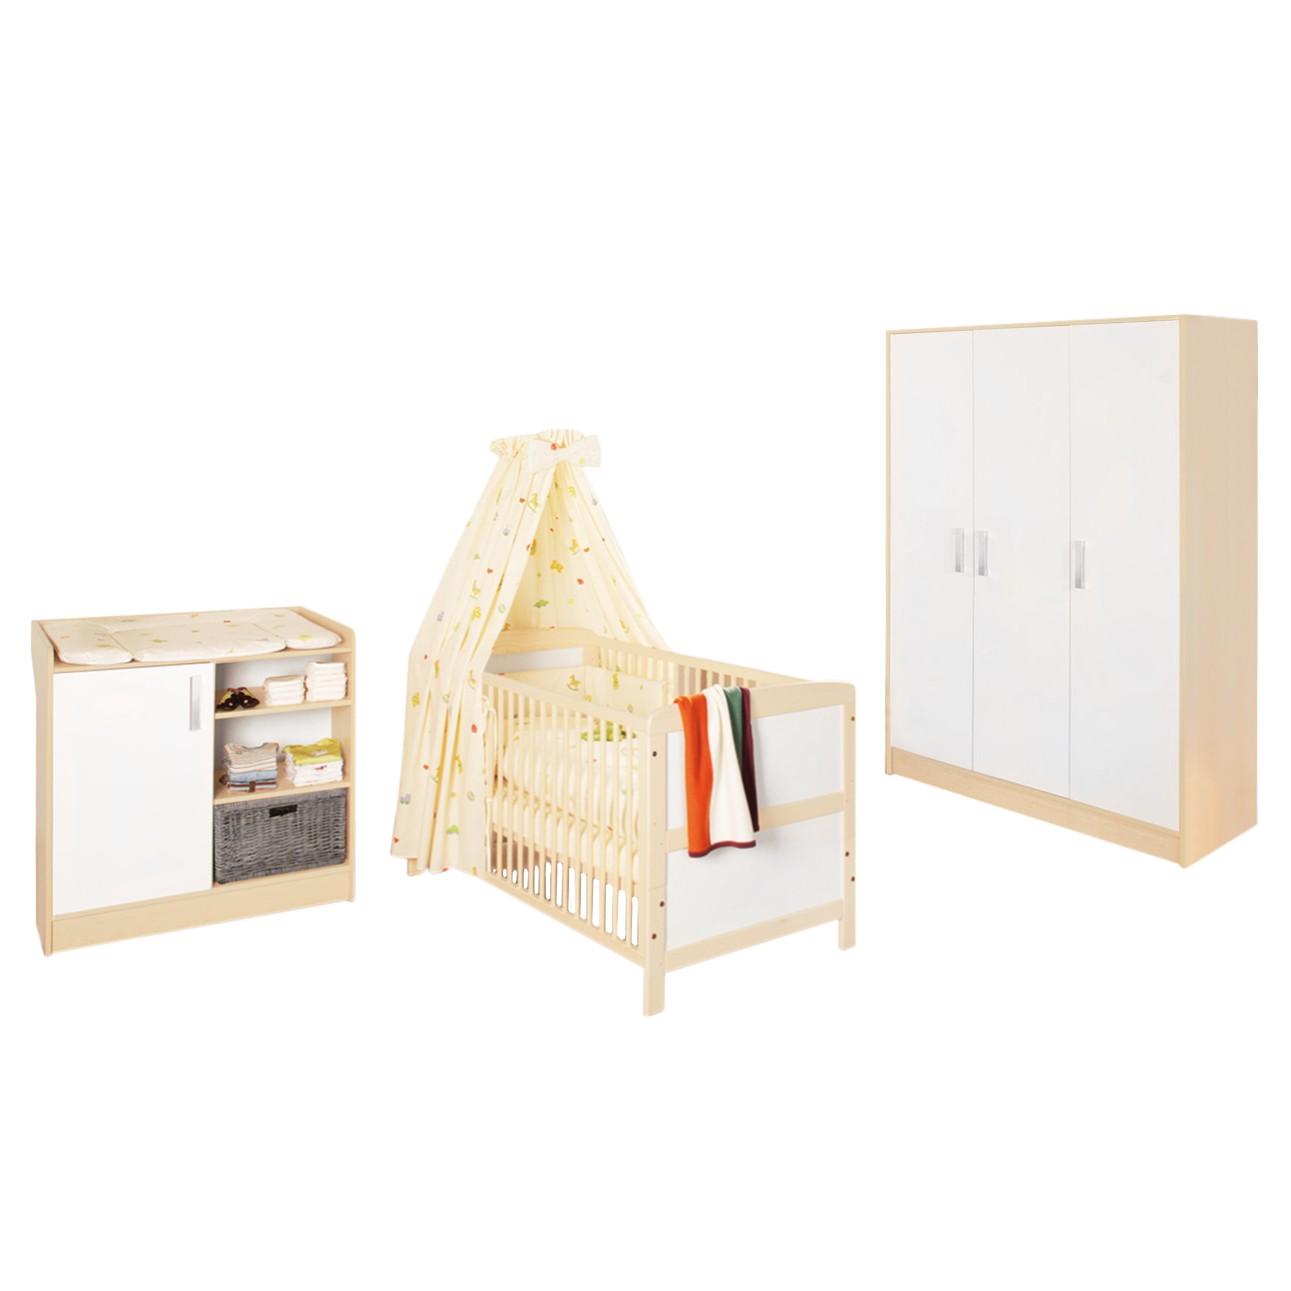 Set économique Florian (3 éléments) - Avec armoire à vêtements 3 portes, Pinolino